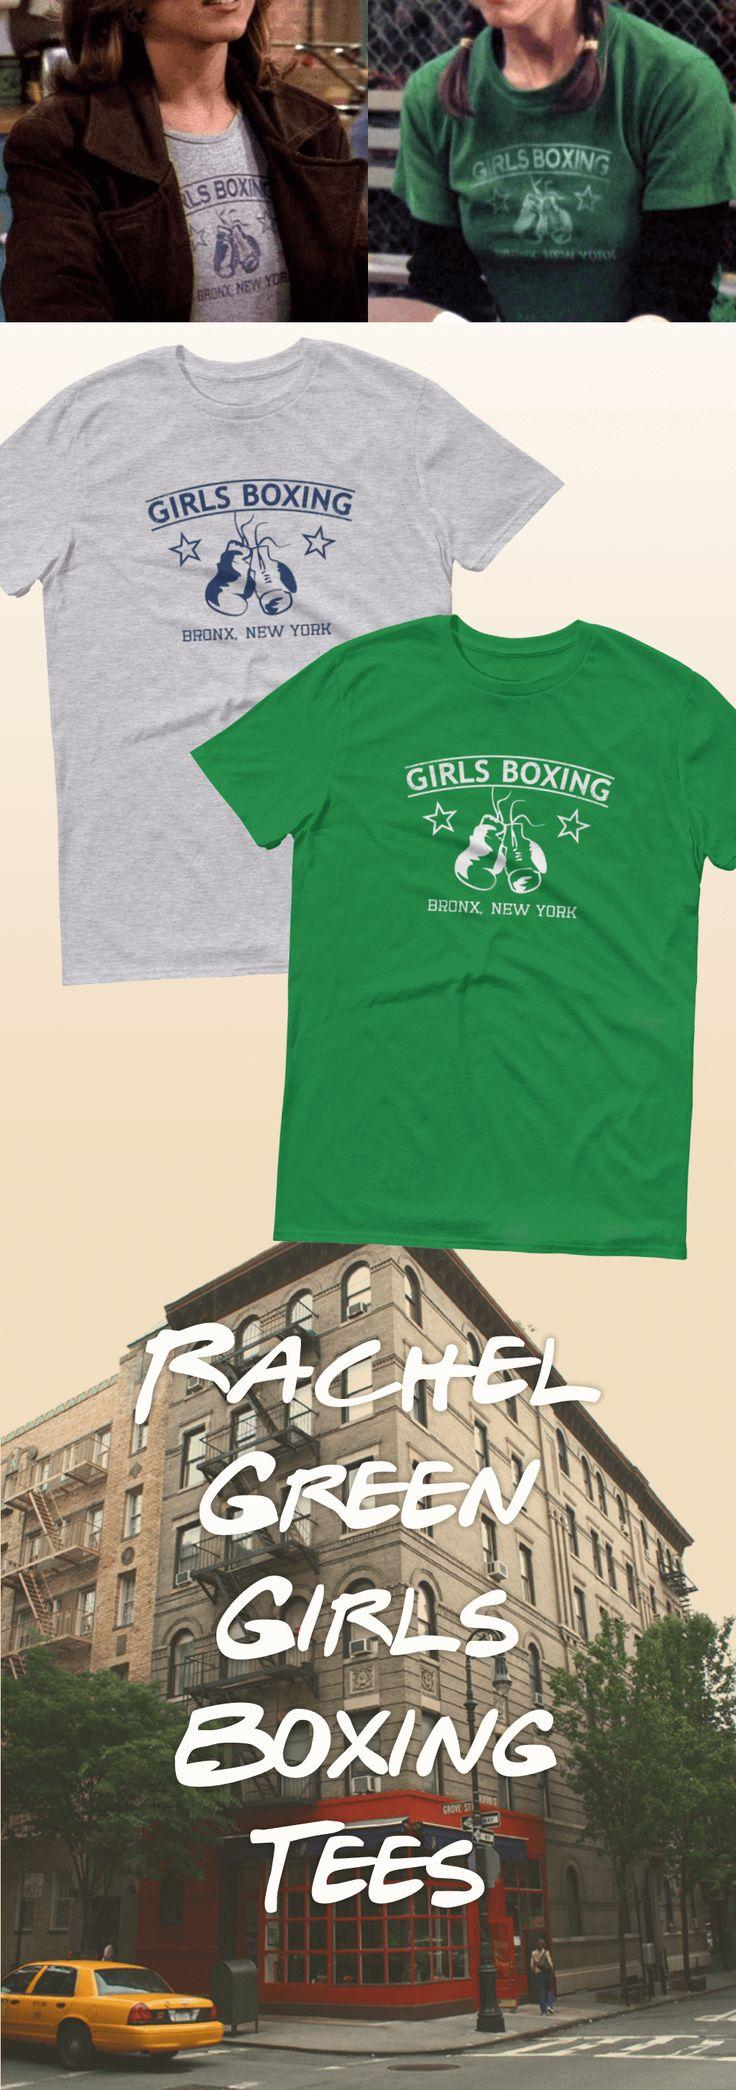 New & exclusive to Zealo Apparel - Rachel Green's Girls Boxing tee replicas! | https://zealoapparel.com/products/friends-rachel-green-girls-boxing-t-shirt